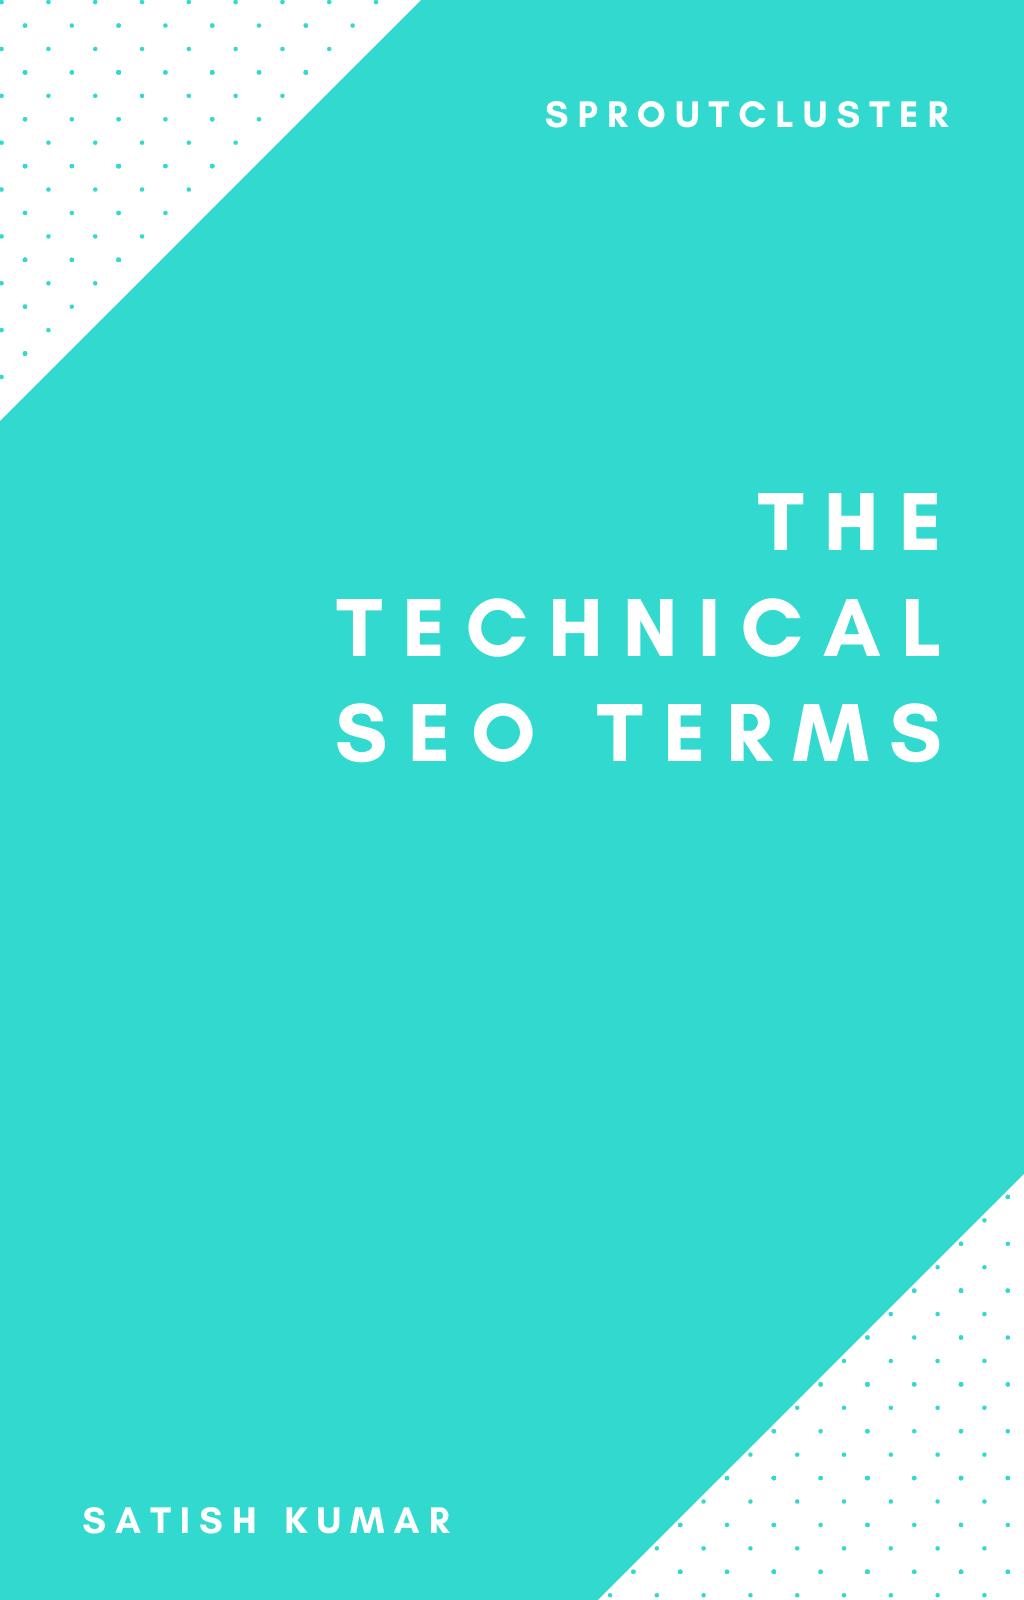 The Technical SEO Terms E-book